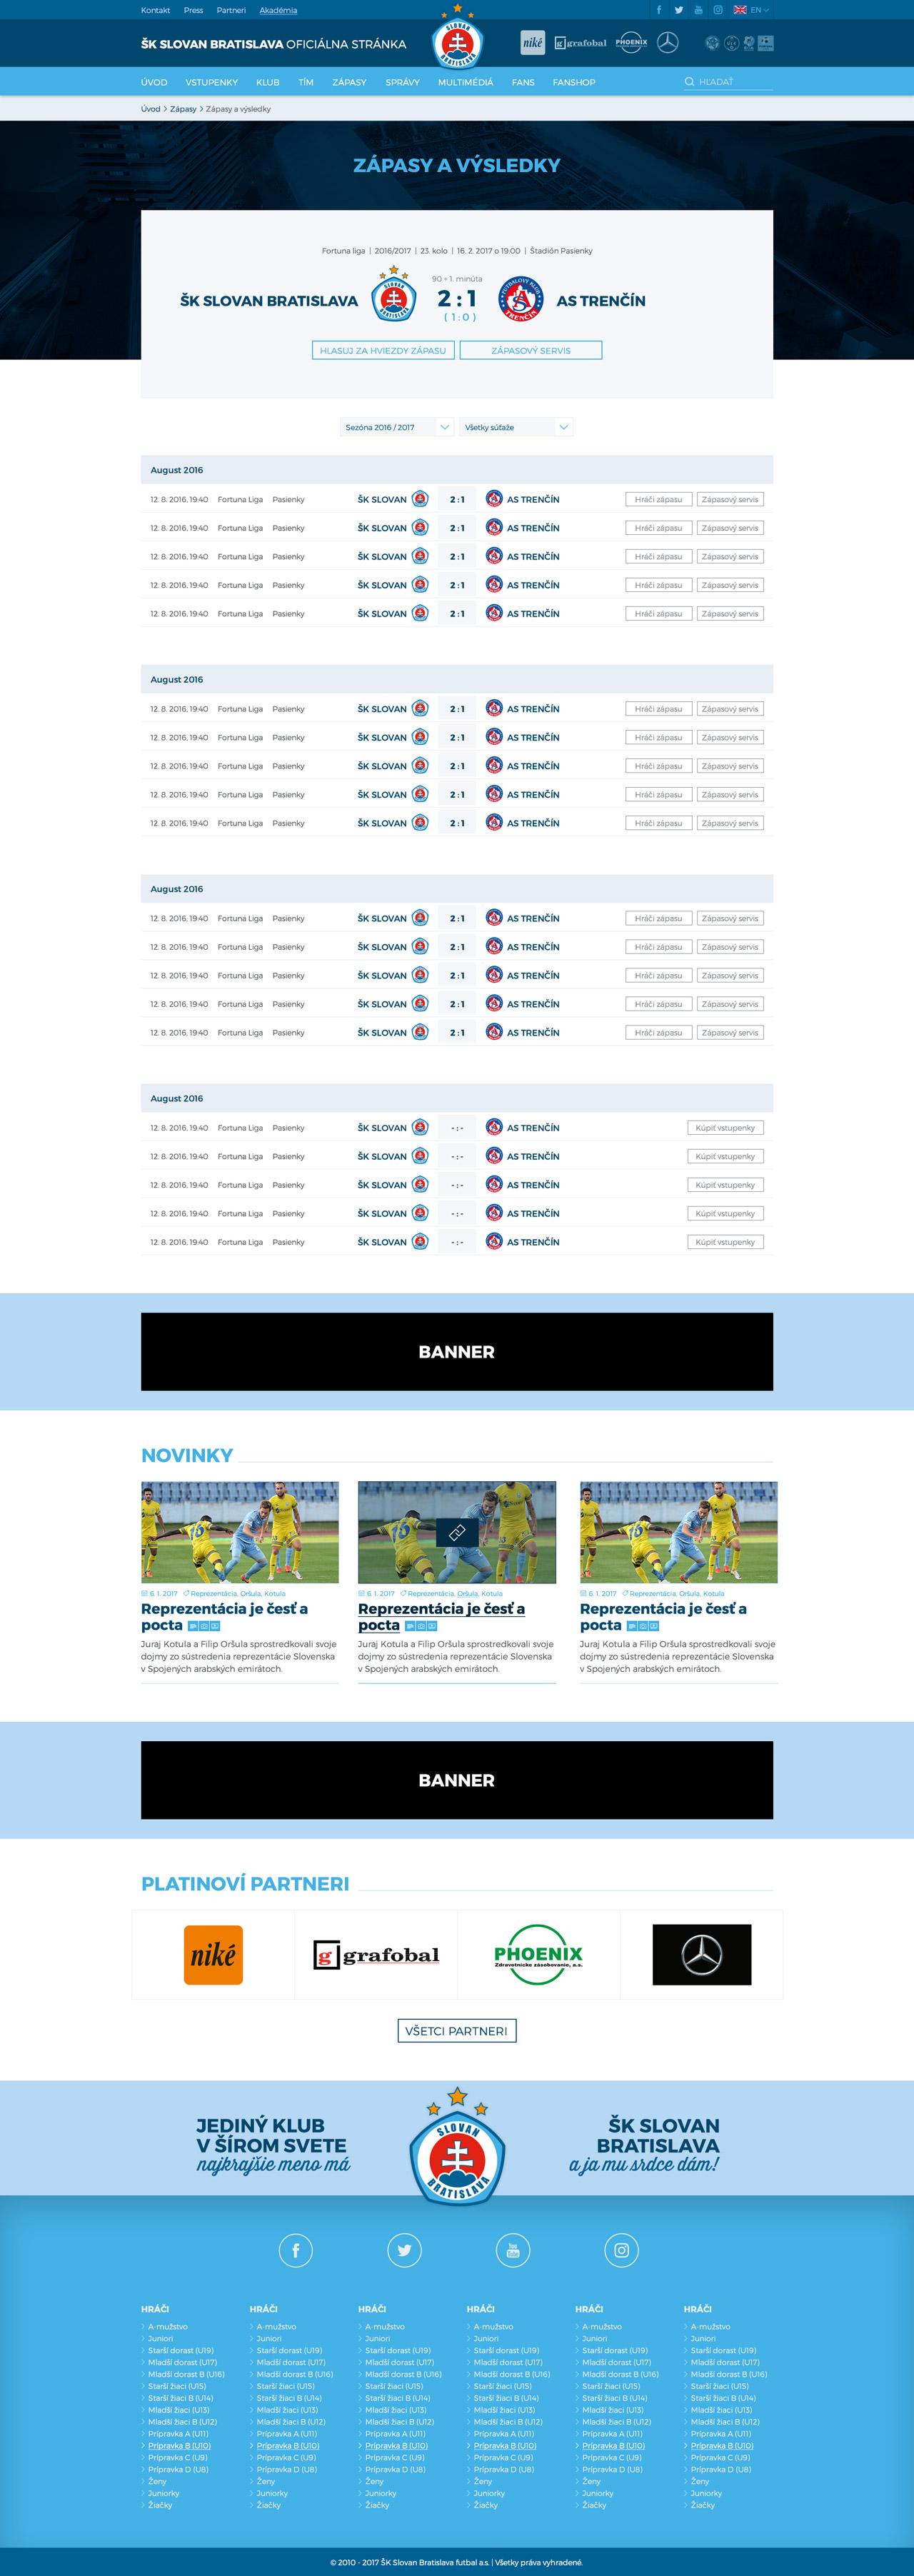 SKSLOVAN.com - zápasy a výsledky